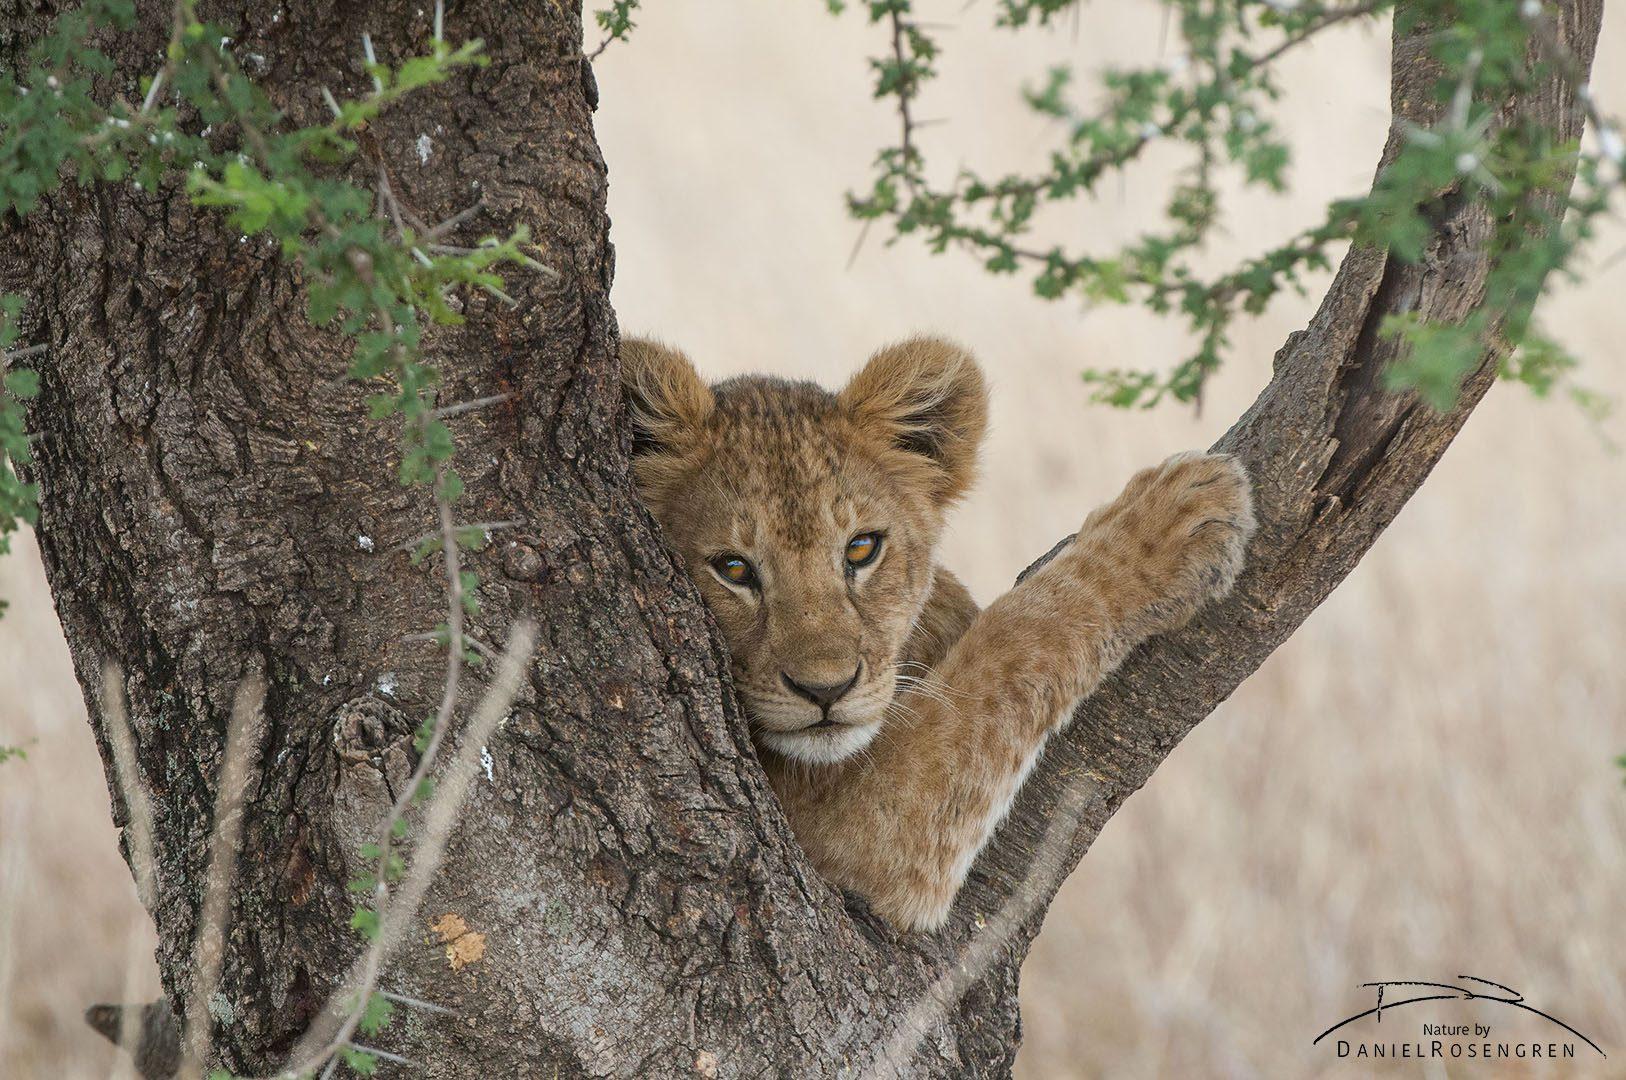 A lion cub posing in a tree. © Daniel Rosengren